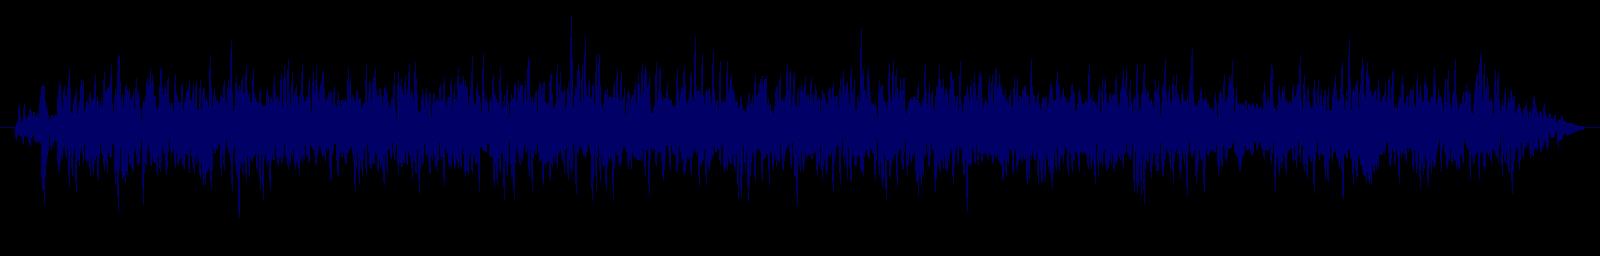 waveform of track #107590